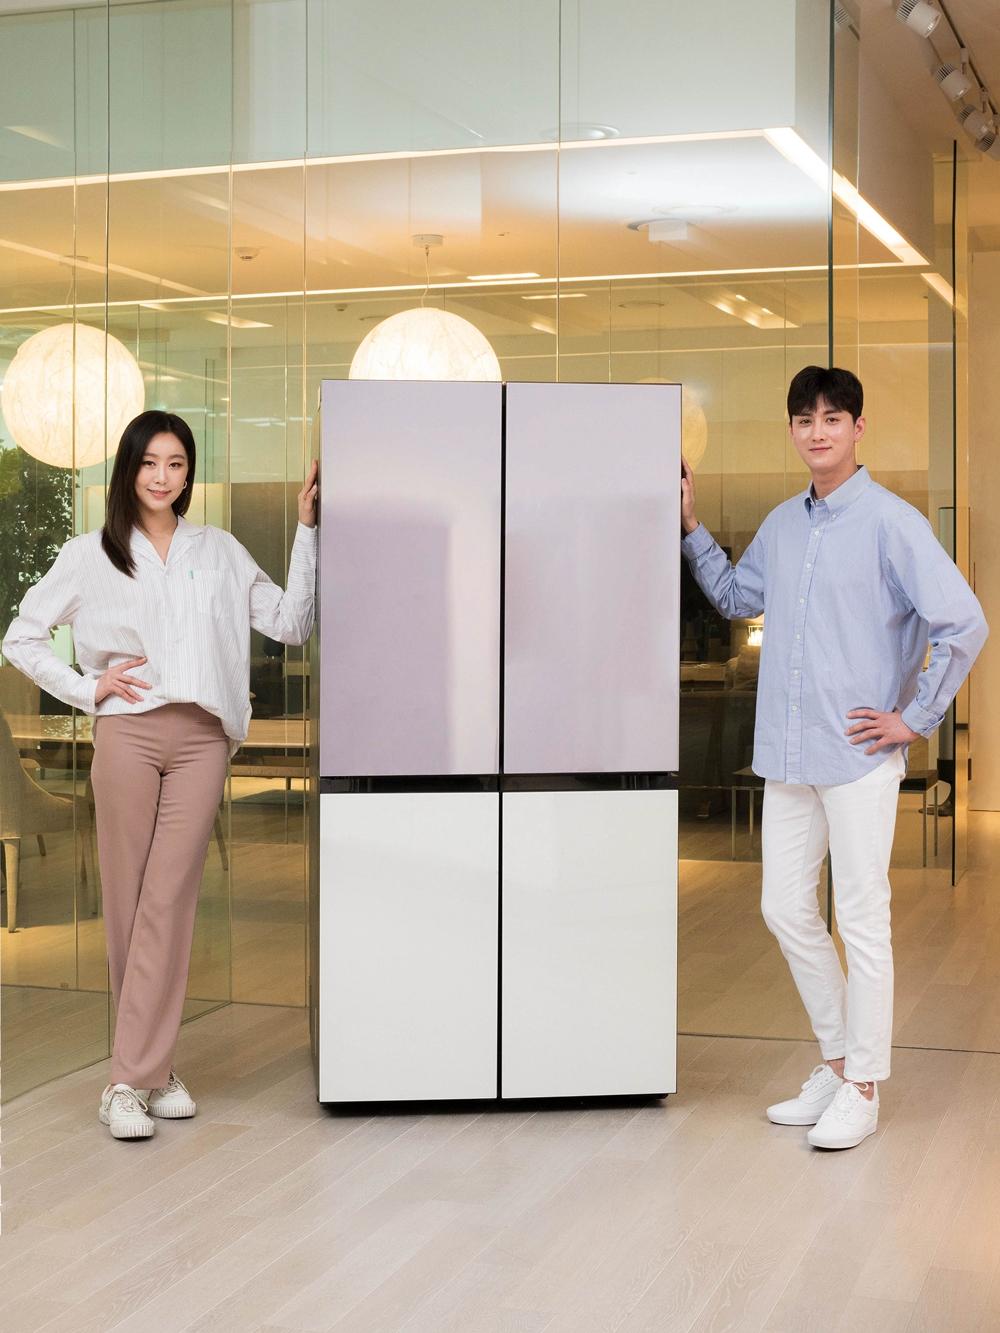 더 새로워진 비스포크 냉장고(2)